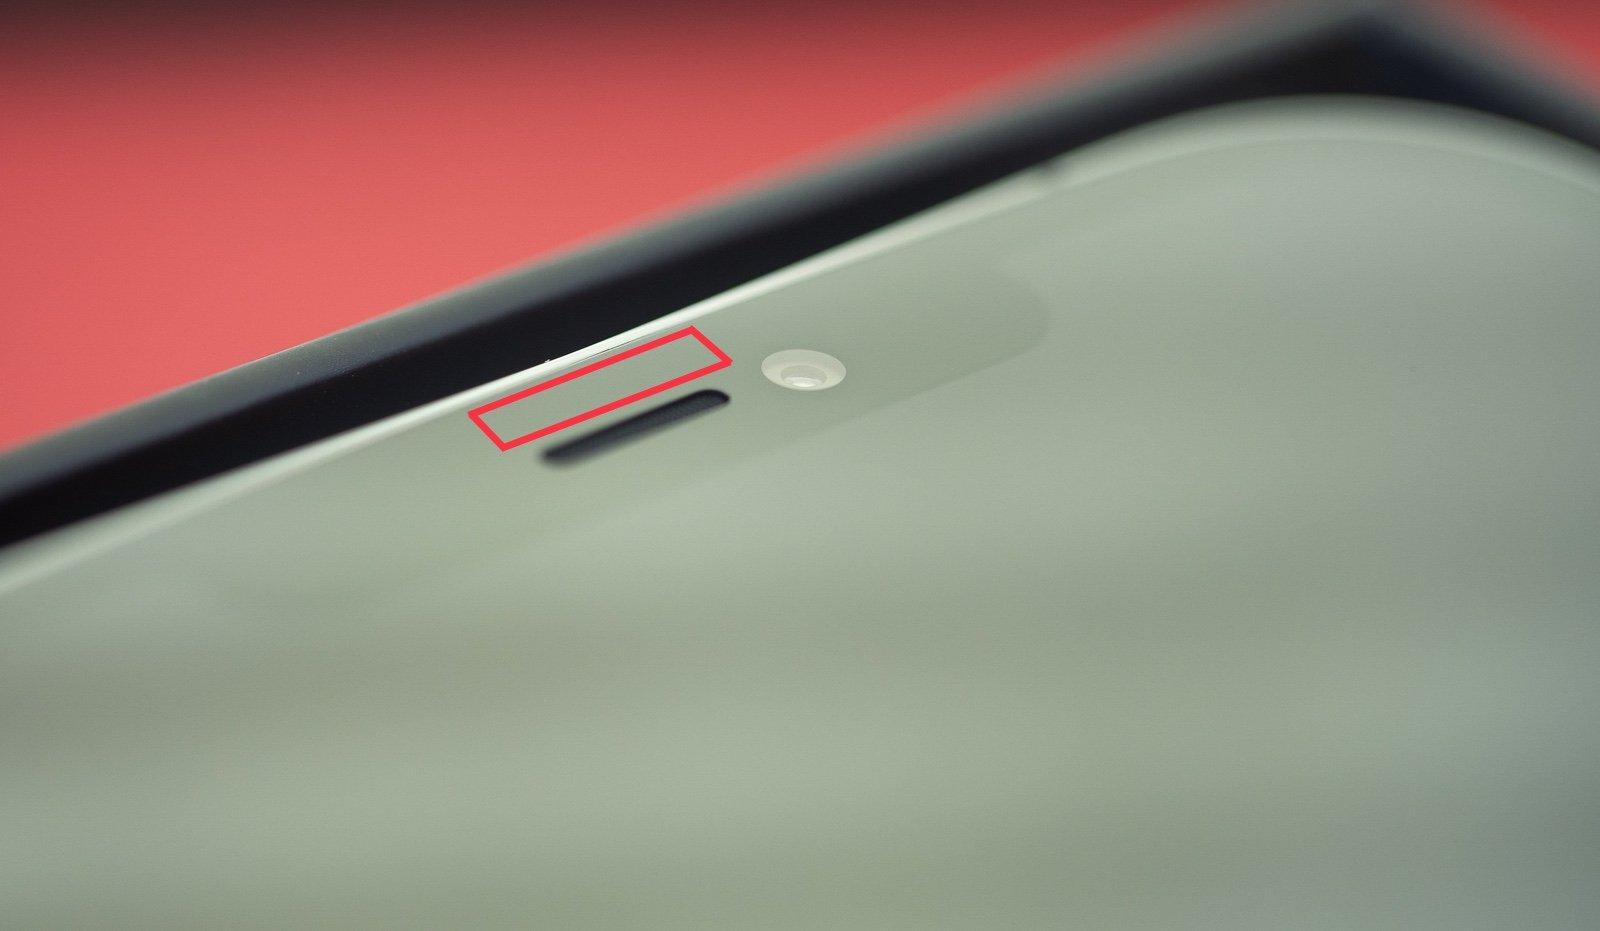 Umístění senzoru okolního osvětlení u iPhone s Face ID